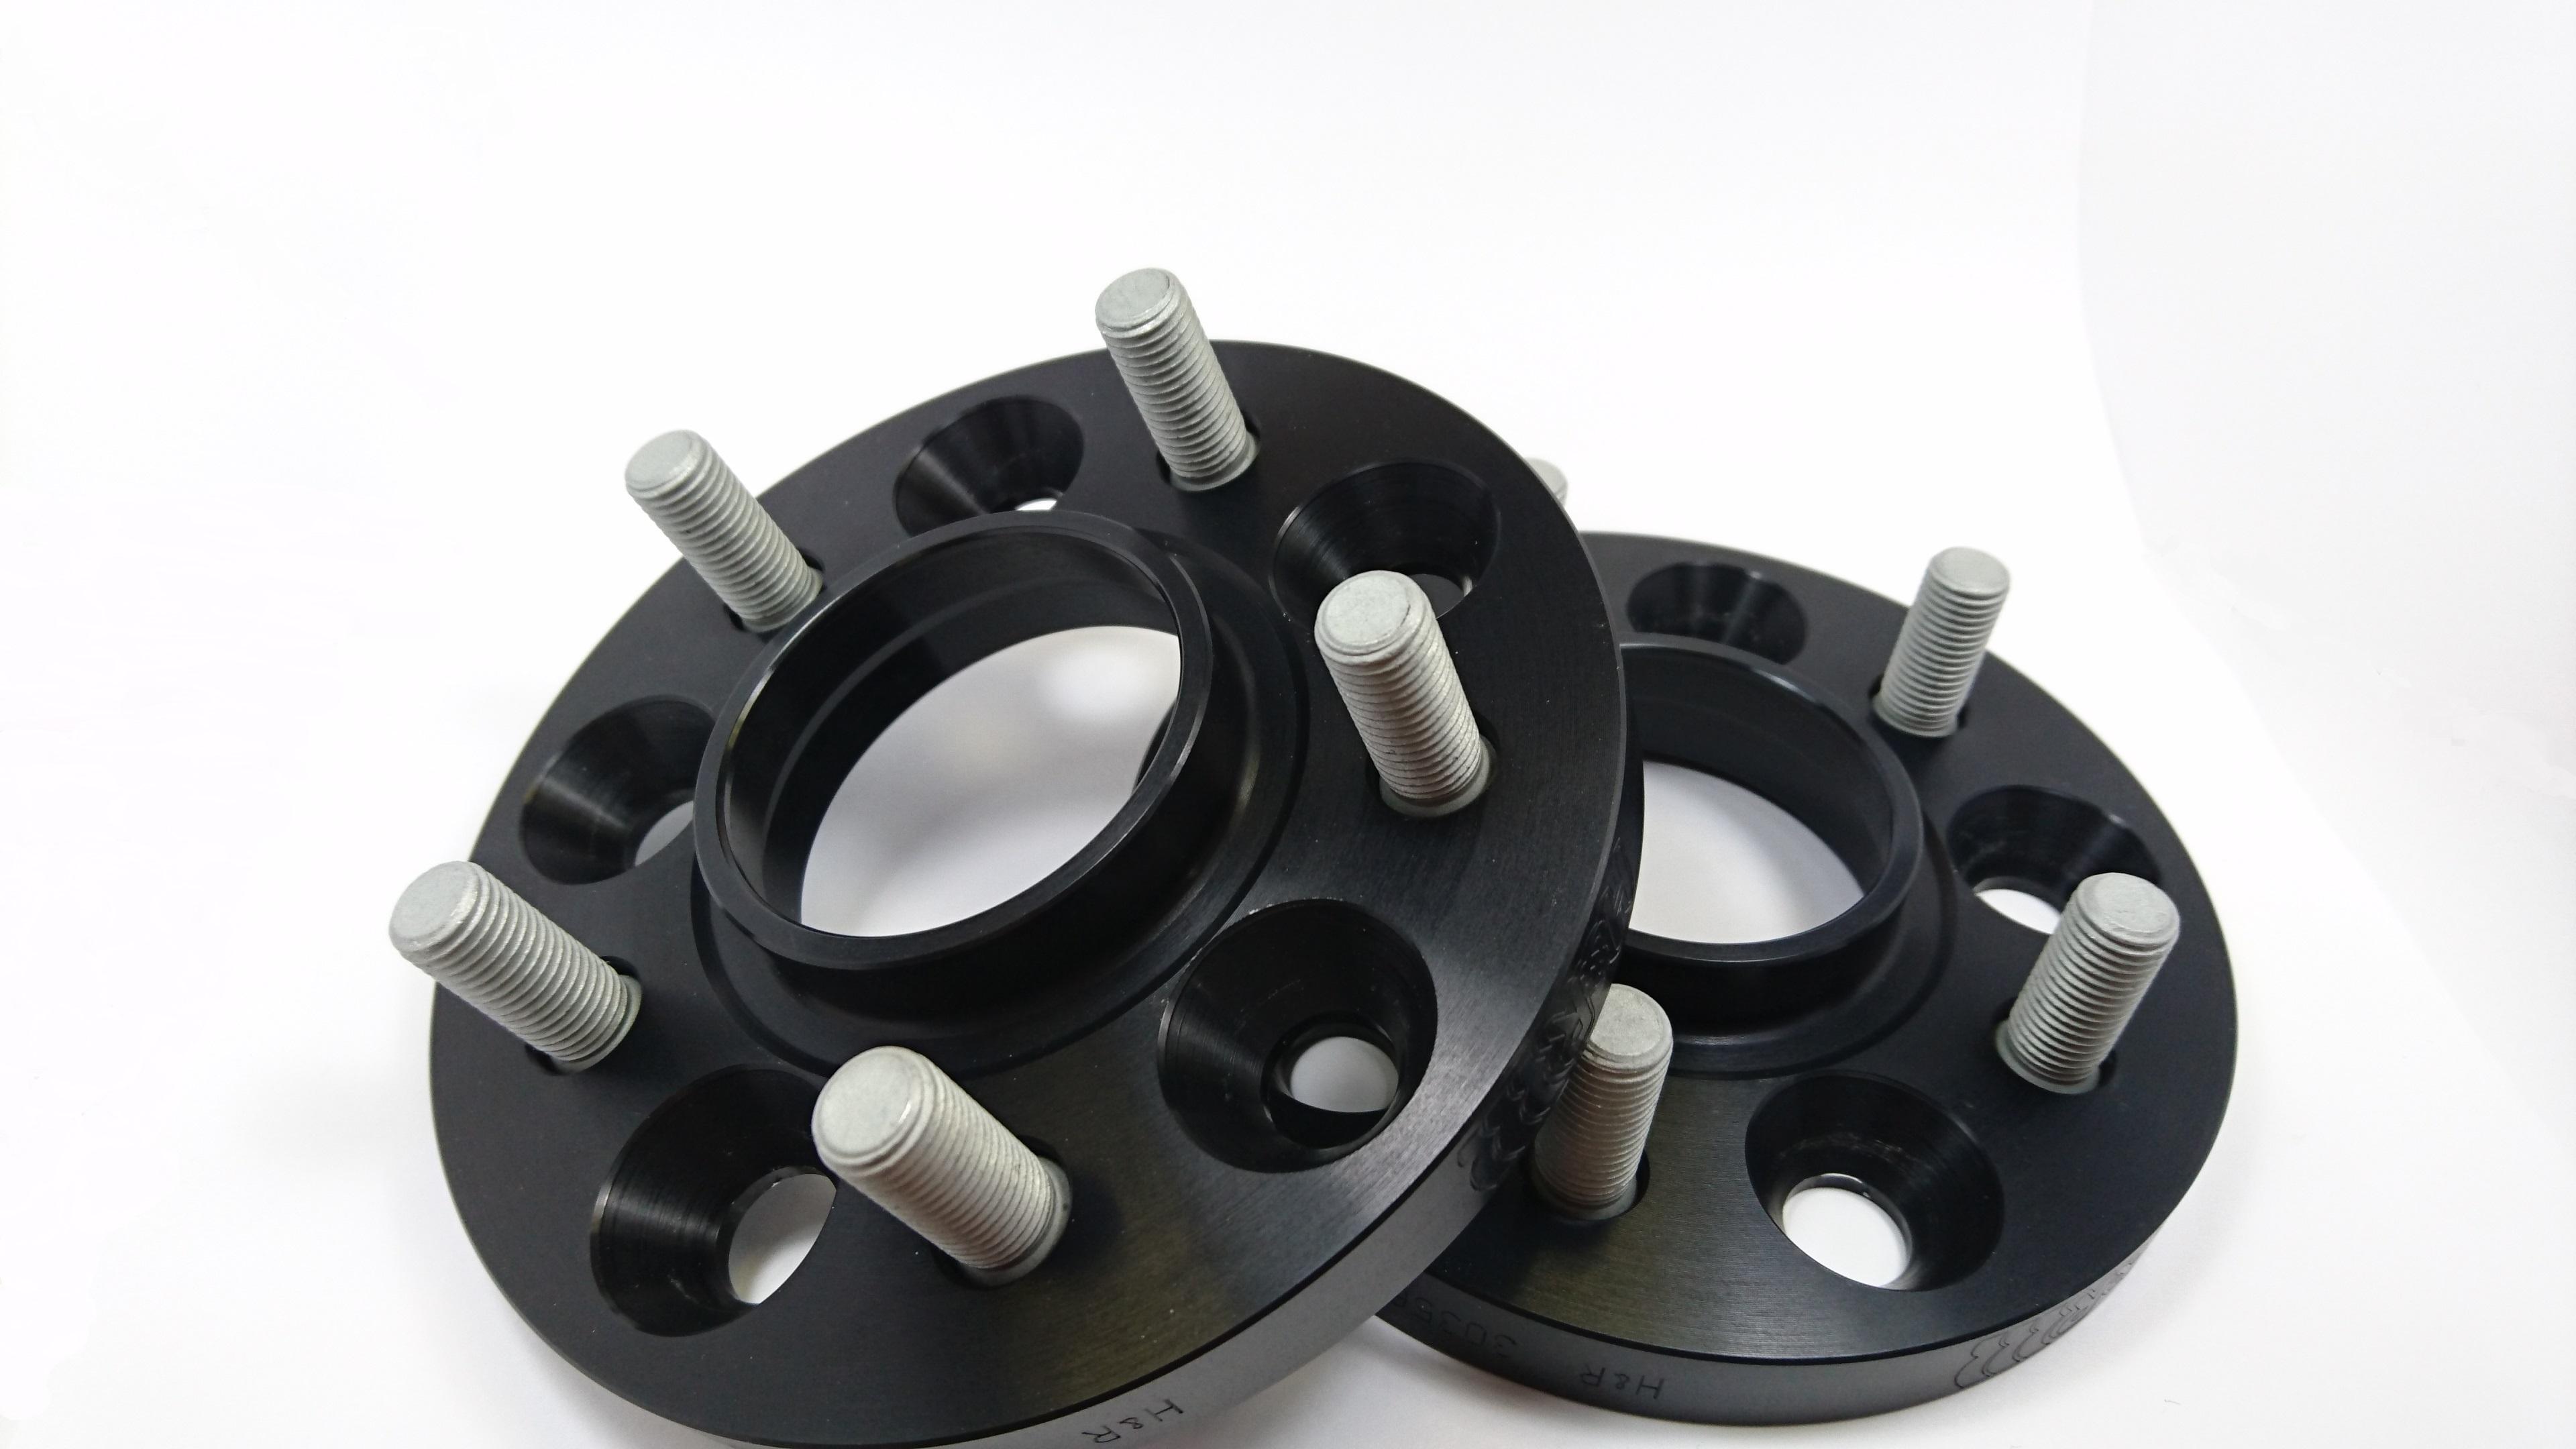 Black Wheel Spacers